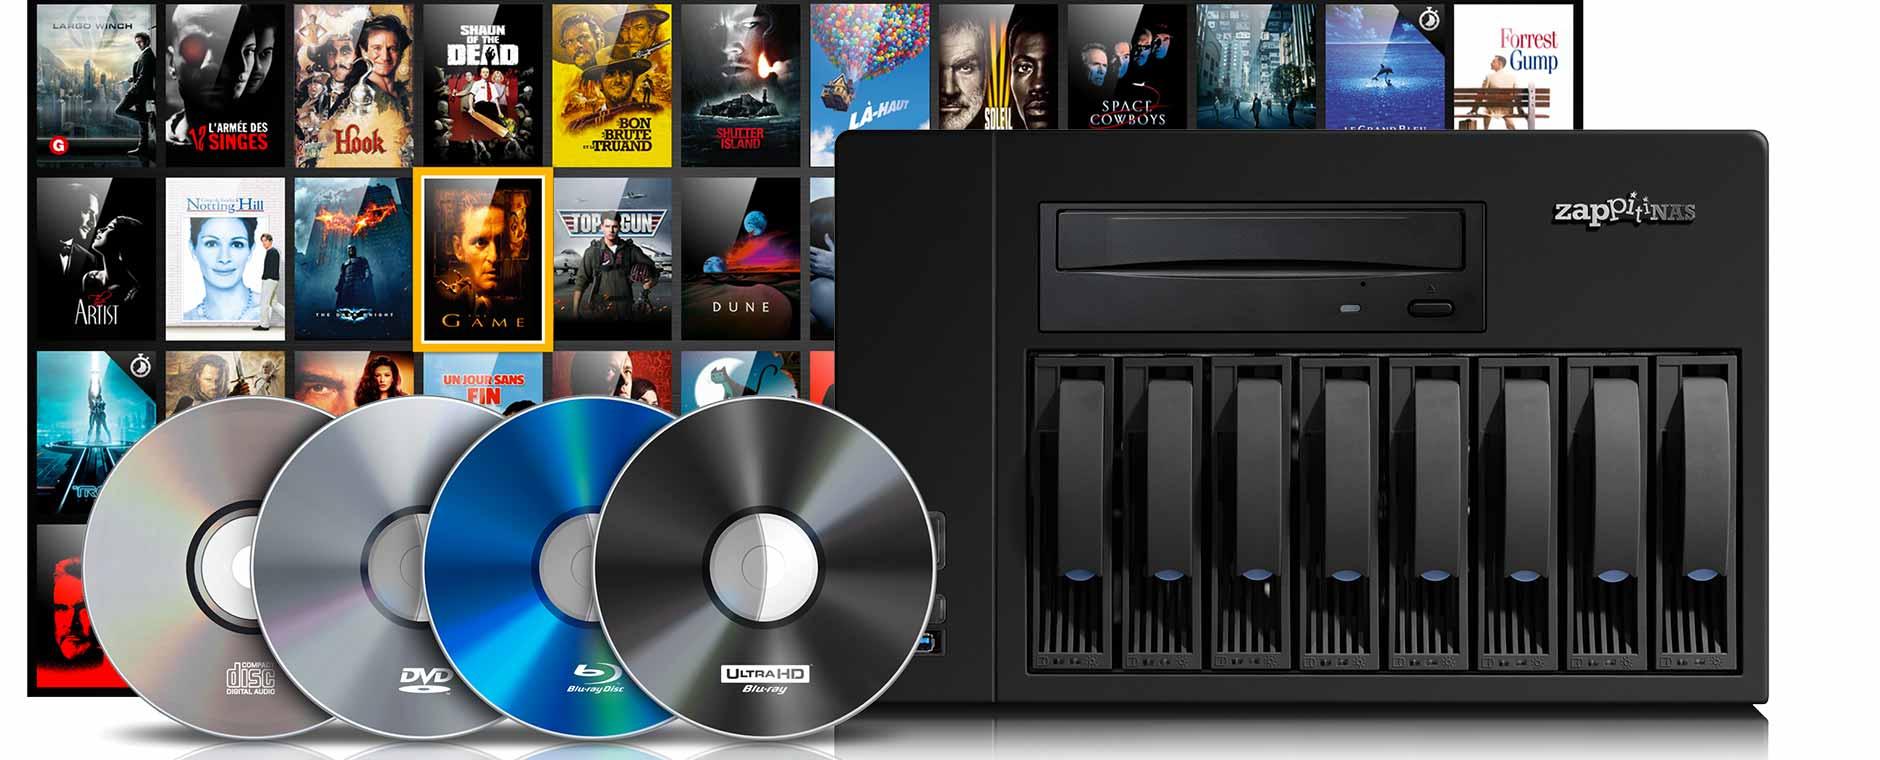 Avec un serveur multimédia, vous copiez tous vos disques CD, DVD, Blu-ray HD / 4K. Ils sont alors classés dans une audiothèque et vidéothèque, pour tous les écrans TV de la maison